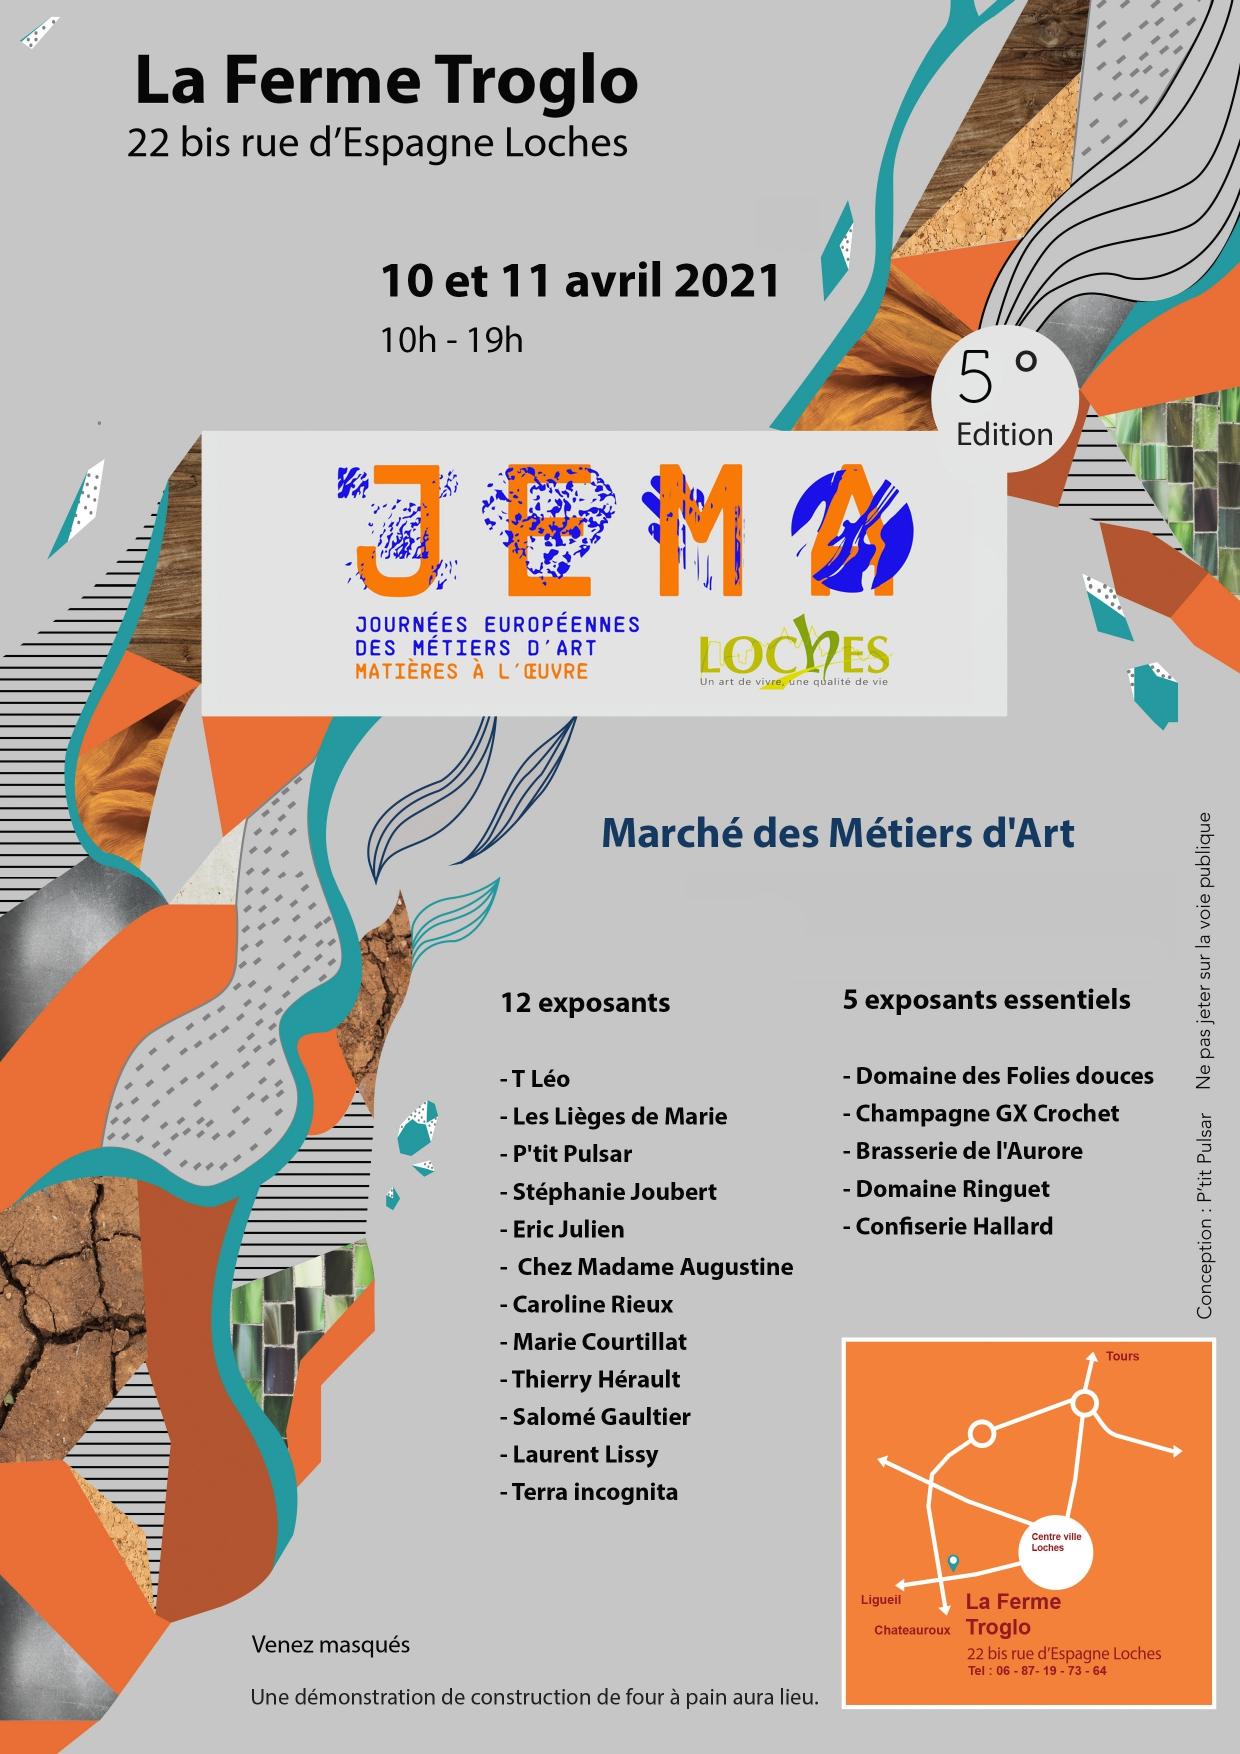 Affiche JEMA 2021 les 10 et 11 avril 2021 à la Ferme Troglo à Loches (37)